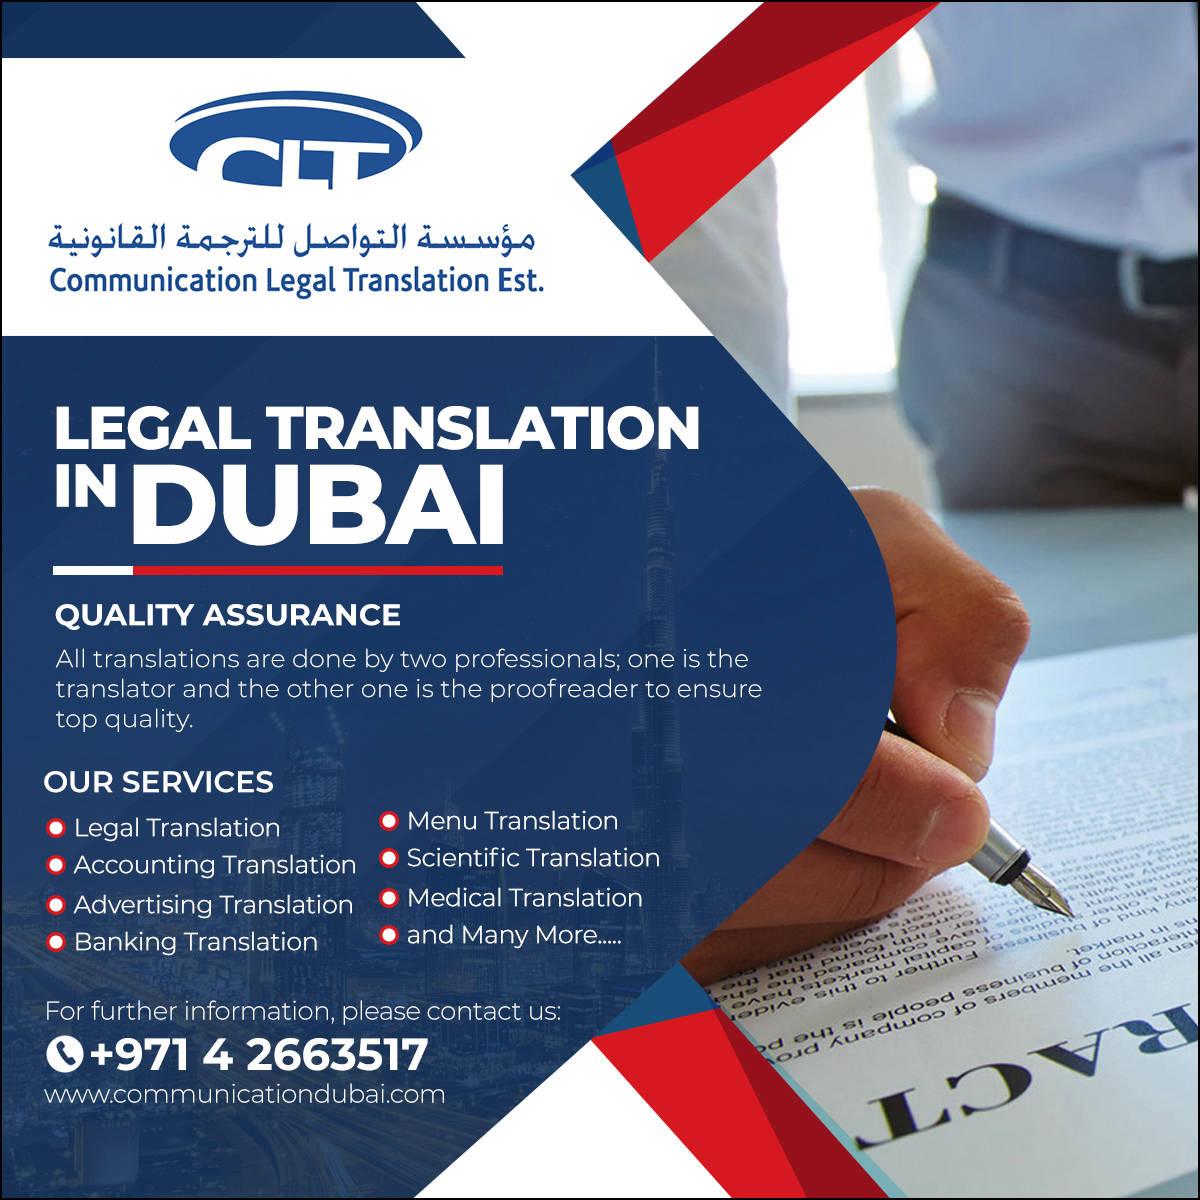 Legal Translation Company in Dubai